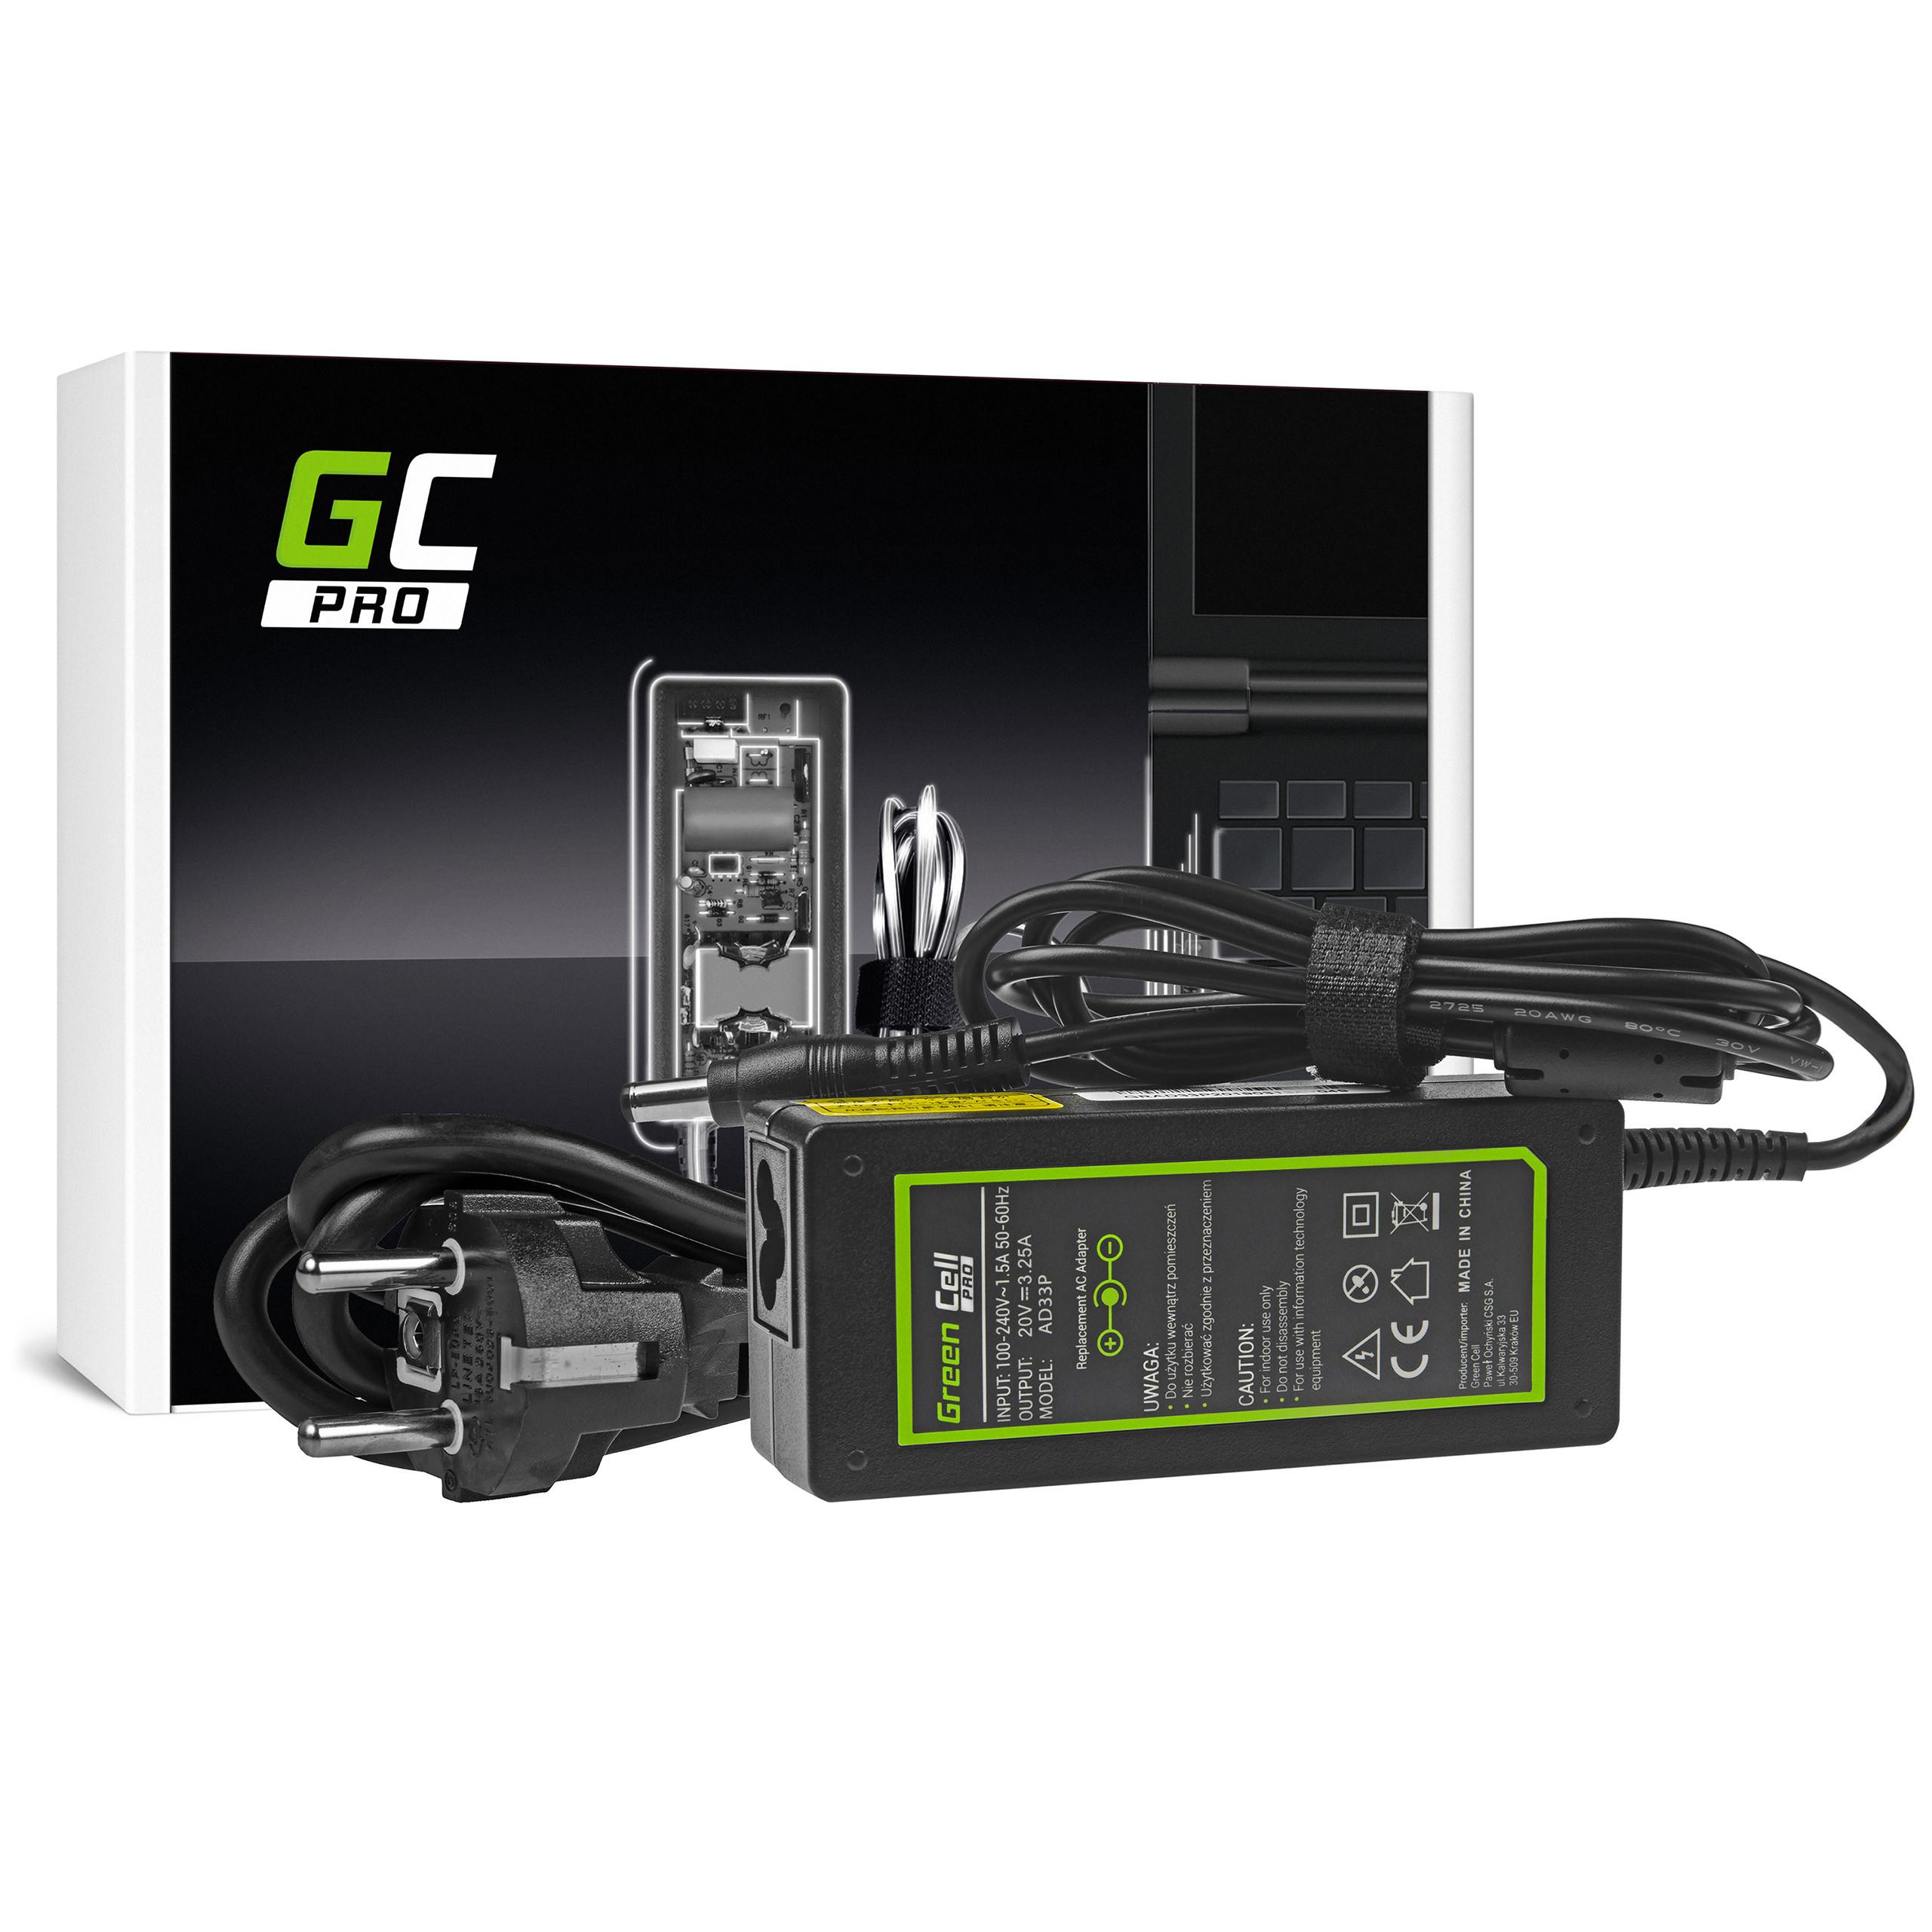 Zasilacz Ładowarka Green Cell PRO 20V 3.25A 65W do Lenovo B560 B570 G530 G550 G560 G575 G580 G580a G585 IdeaPad Z560 Z570 P580